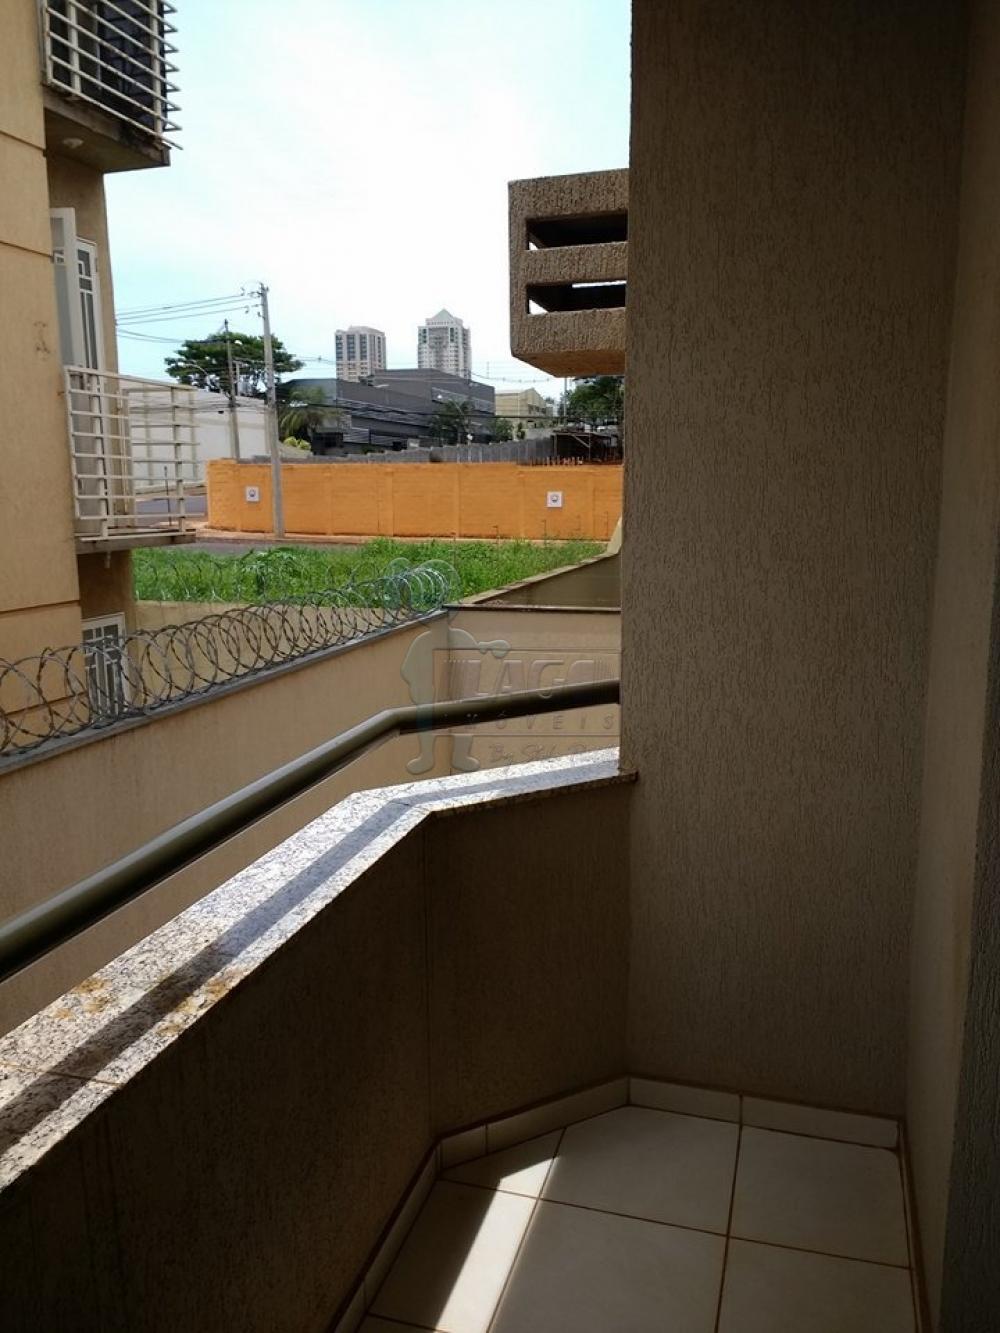 Comprar Apartamento / Padrão em Ribeirão Preto apenas R$ 220.000,00 - Foto 7